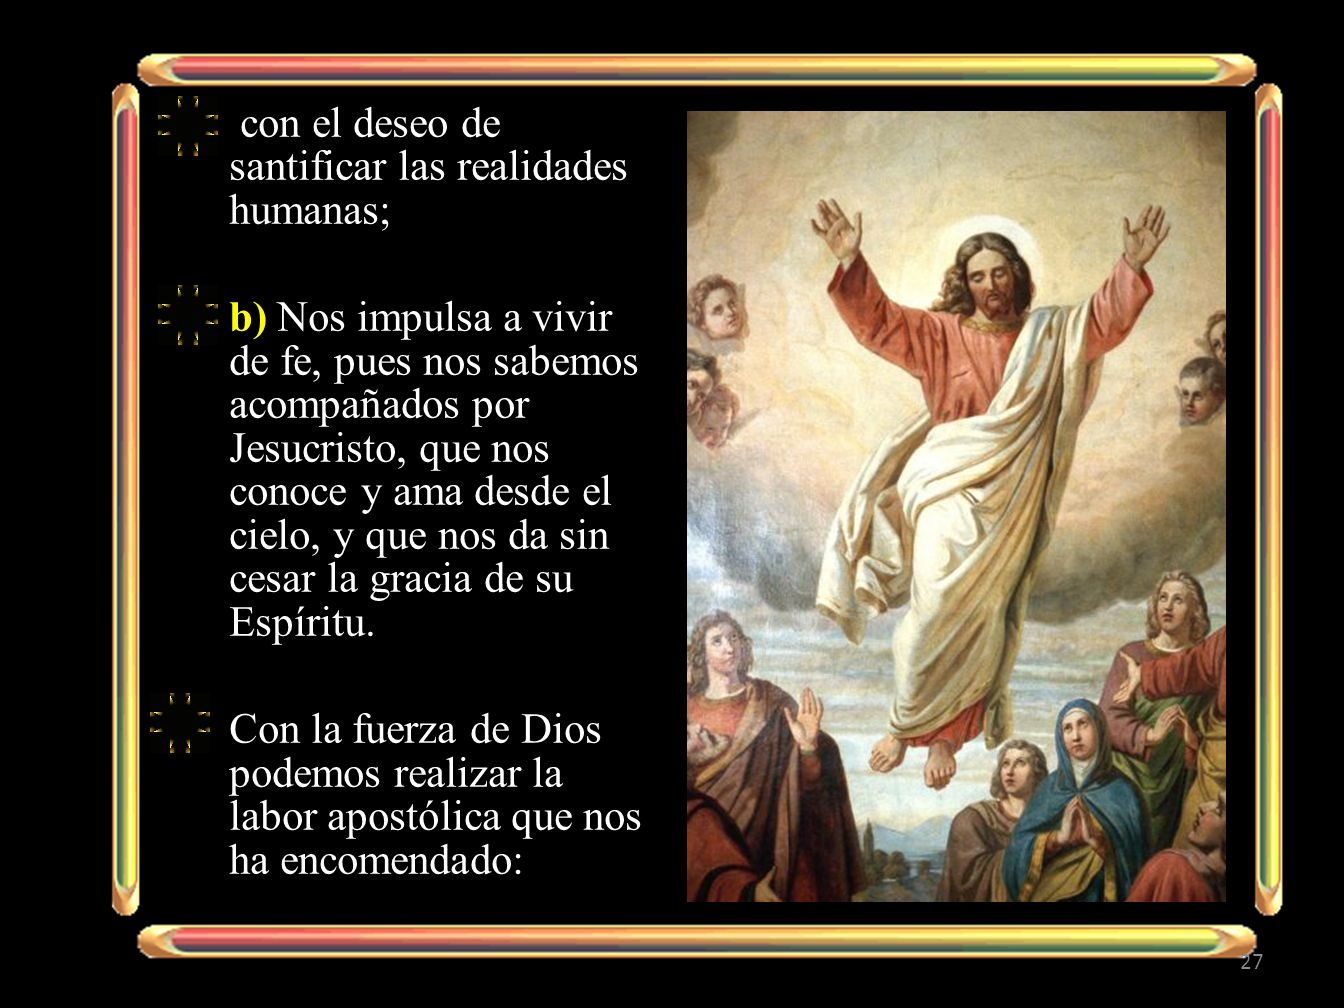 con el deseo de santificar las realidades humanas;